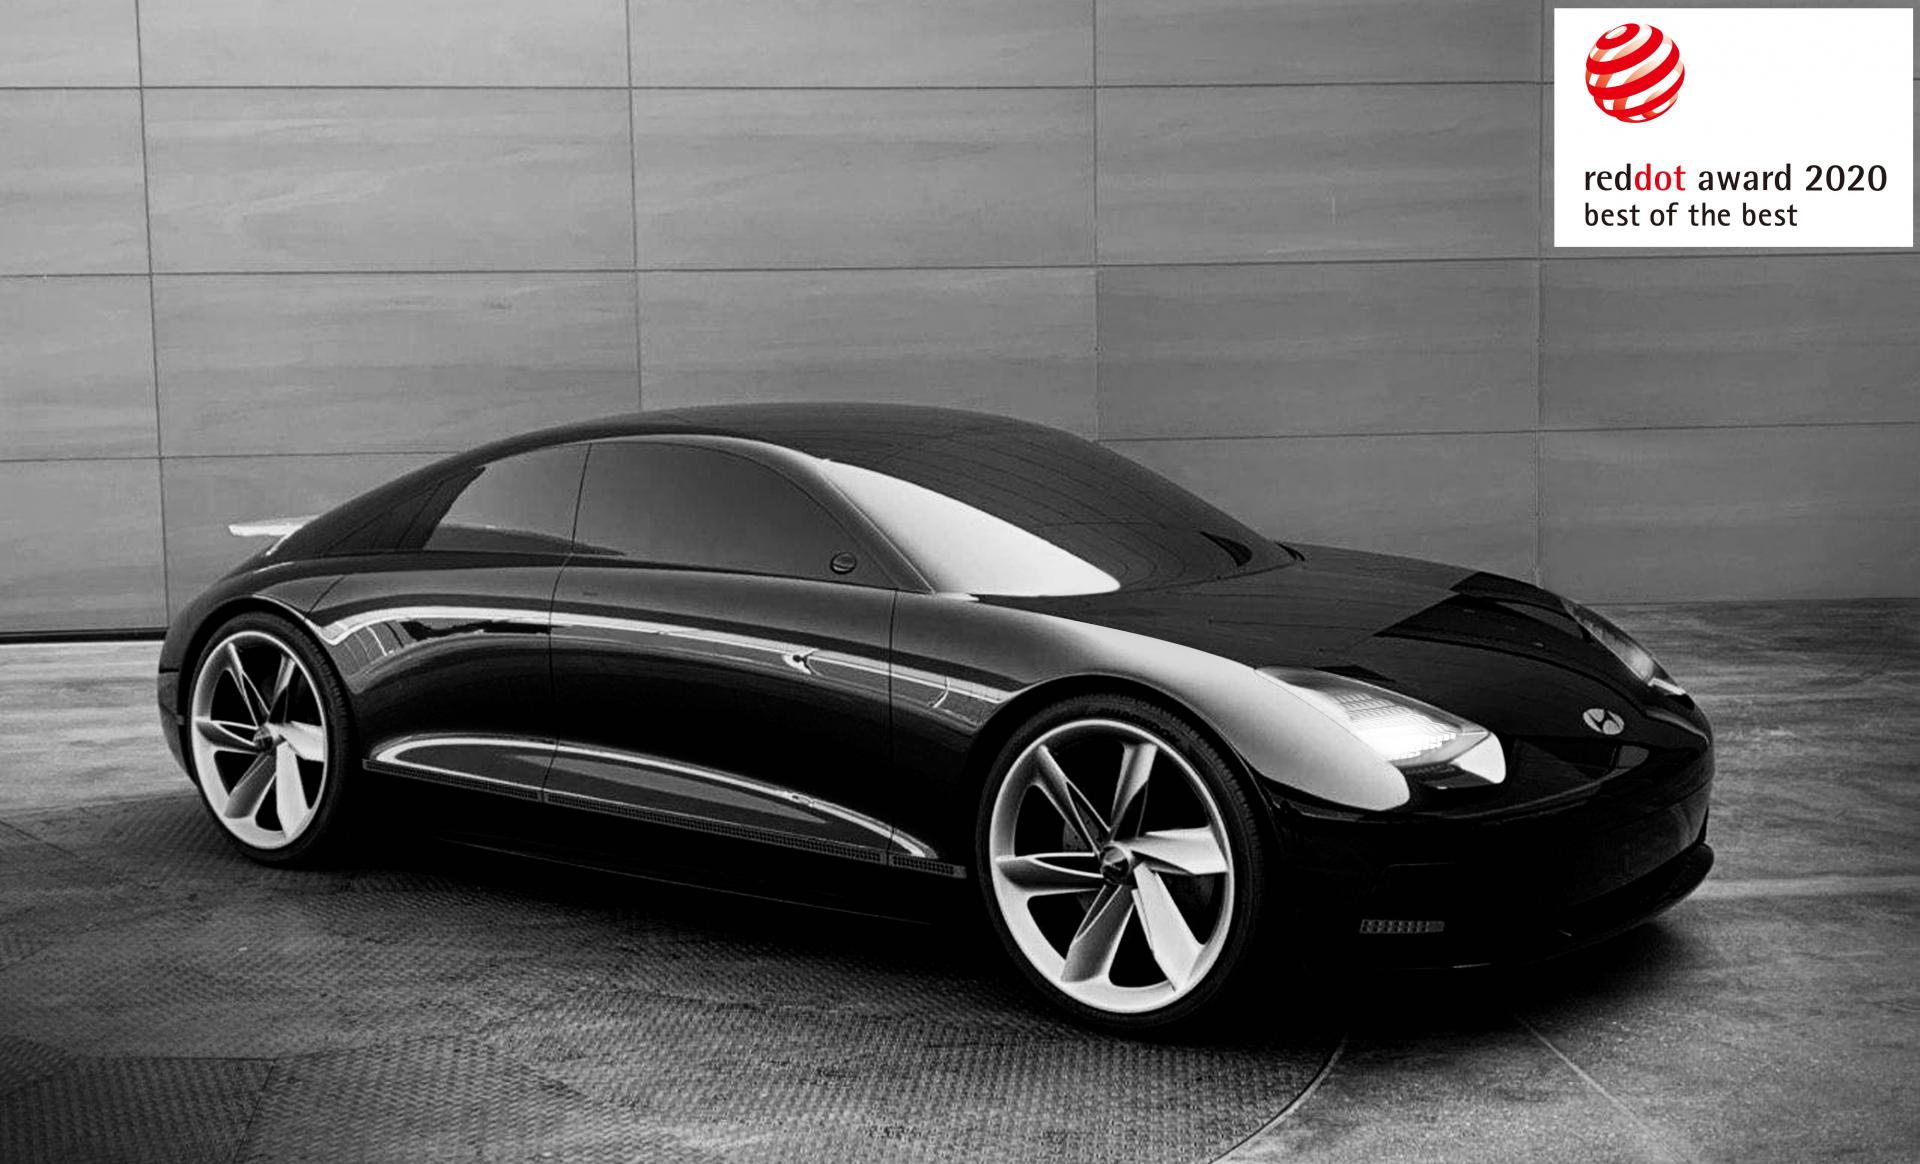 Компанія Hyundai Motor отримала три нагороди Red Dot Award 2020 за концептуальний дизайн | Богдан-Авто Луцьк - фото 14